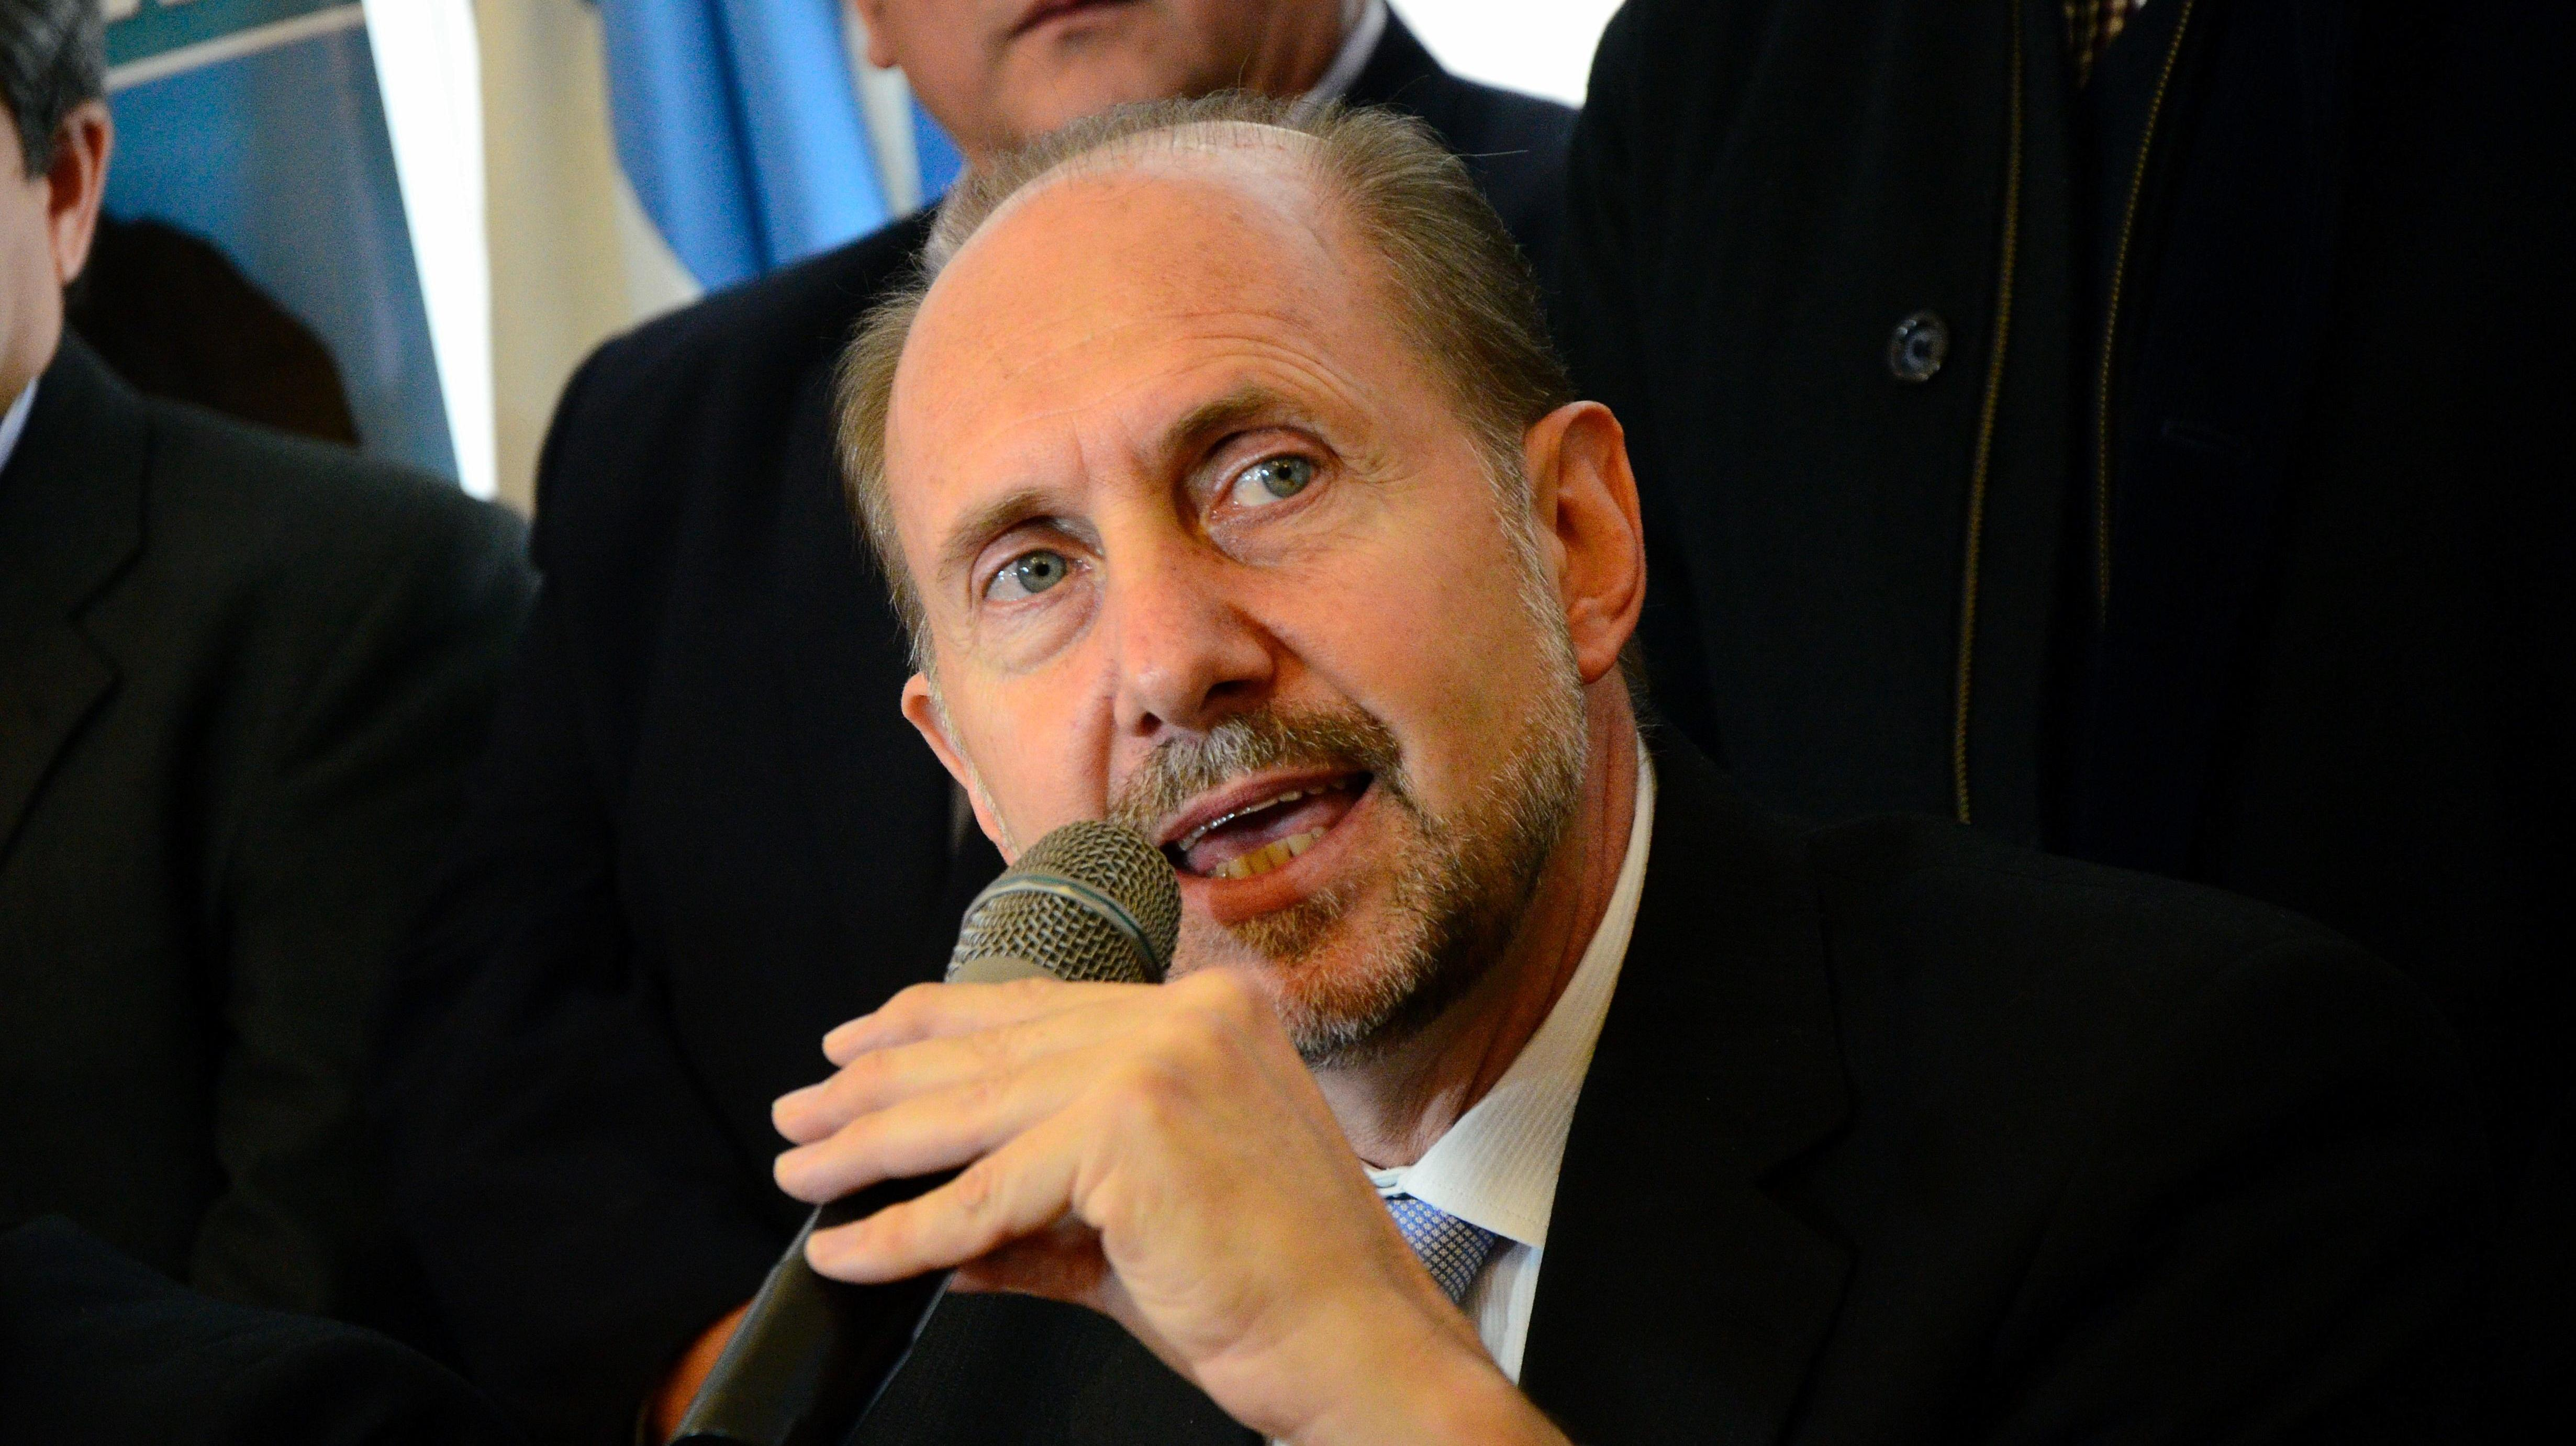 El candidato a gobernador responsabilizó al PS por el avance del narcotráfico durante sus gobiernos.